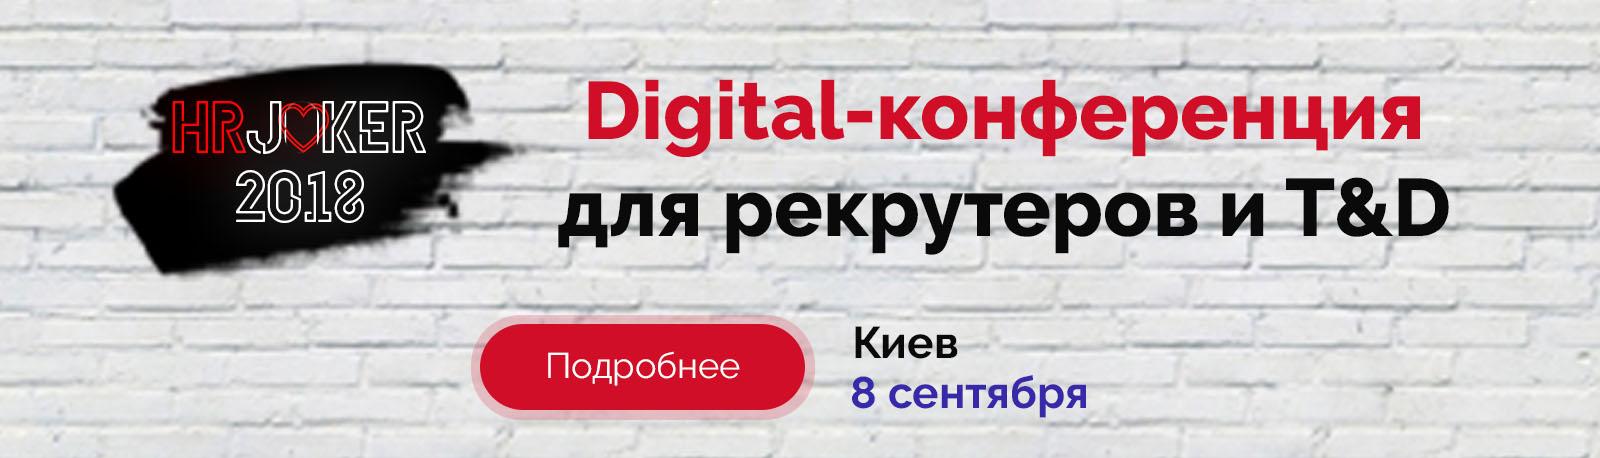 HR JOKER 2018 – конференция для digital-фанатов, рекрутеров и T&D